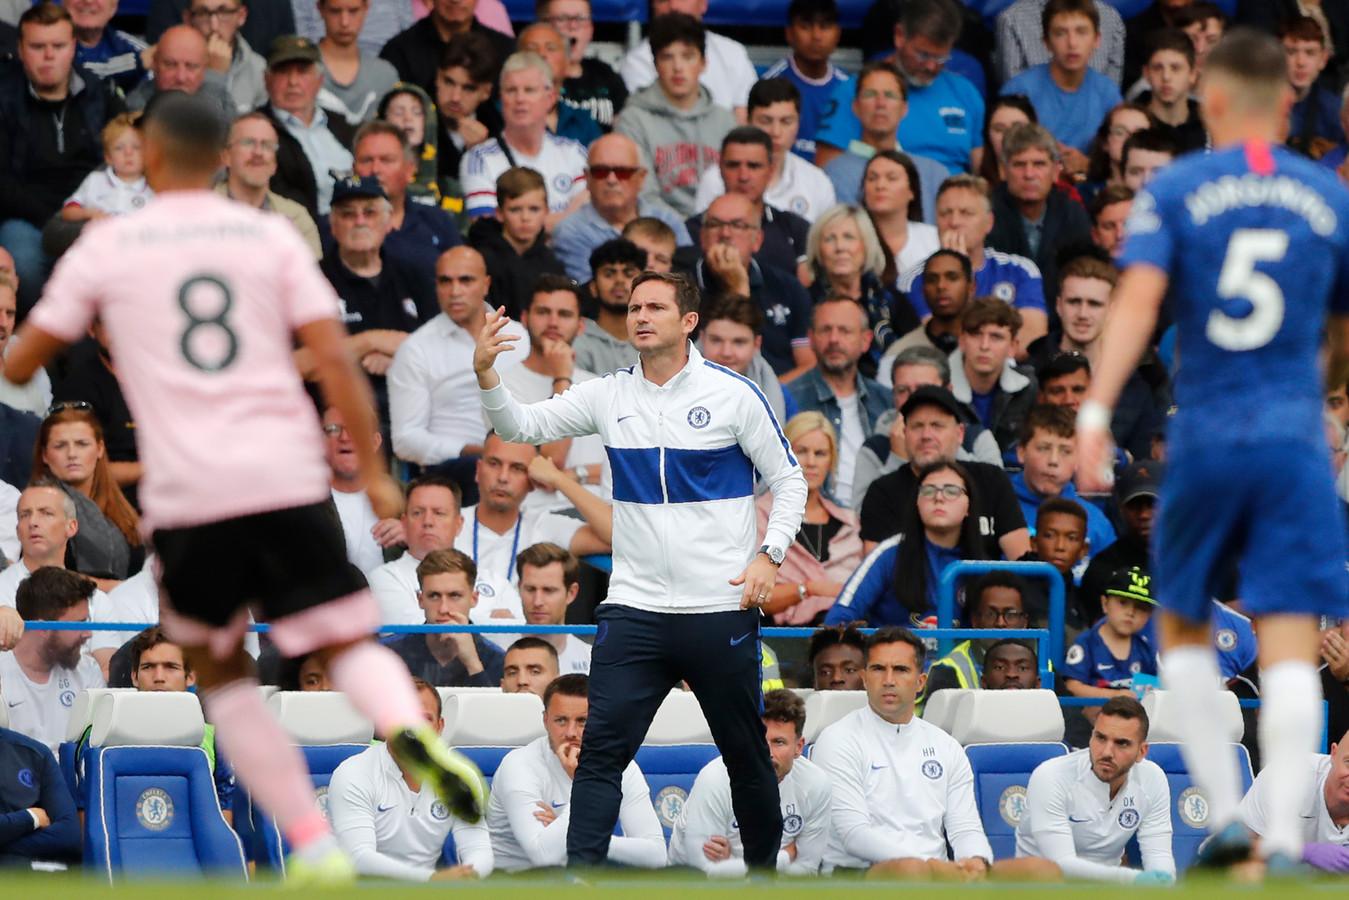 Frank Lampard probeert instructies te geven aan zijn spelers.